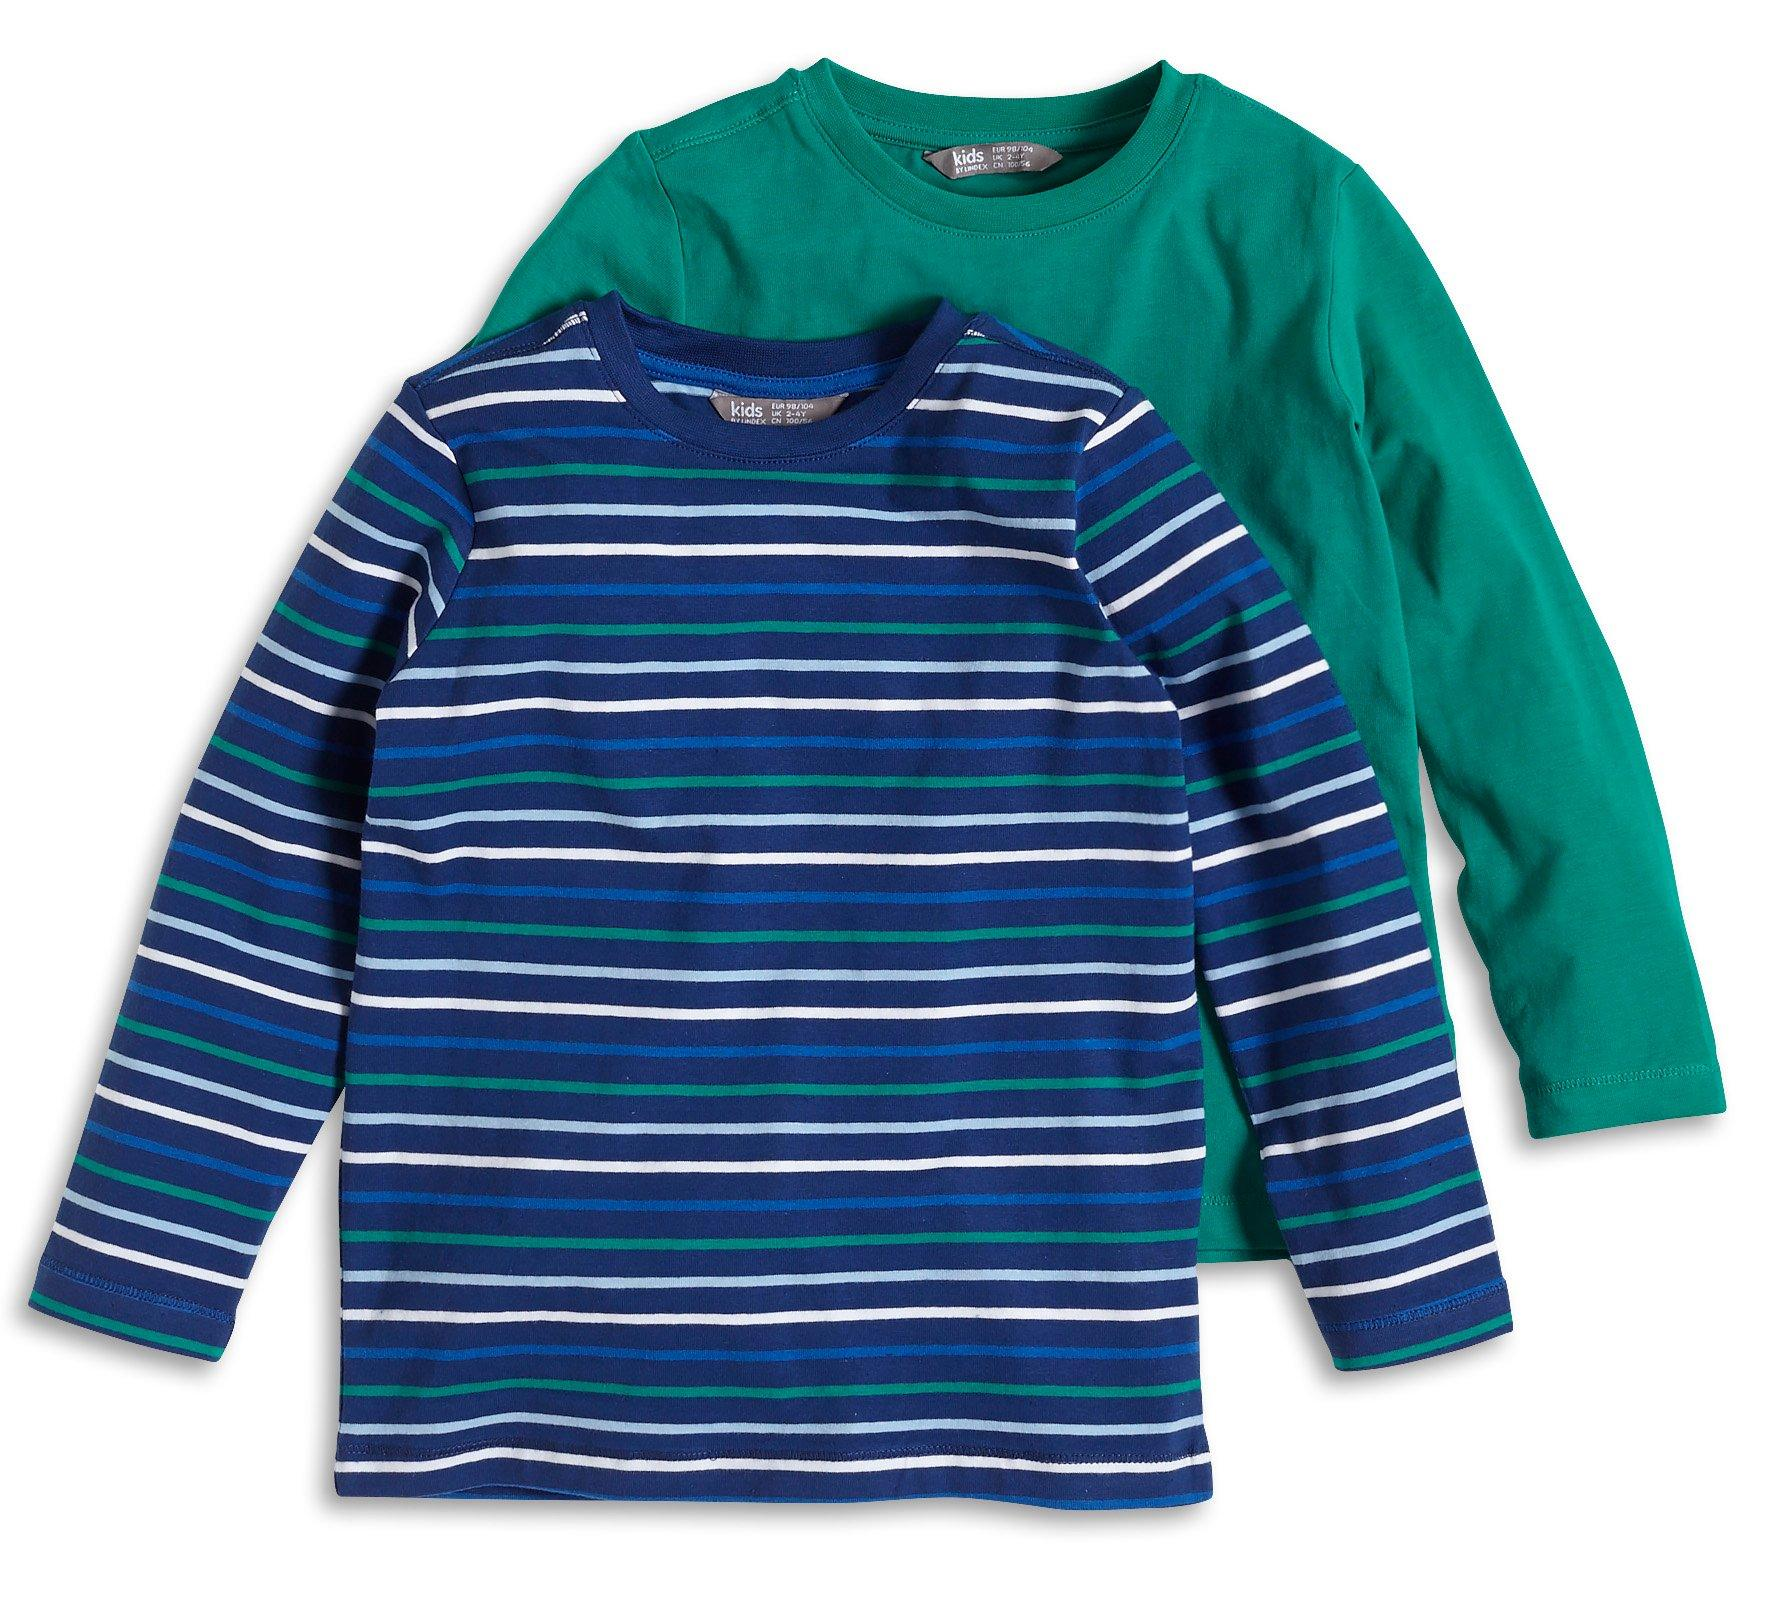 Cotton Blend Boys Long Sleeve Blue Shirt 2 Pack